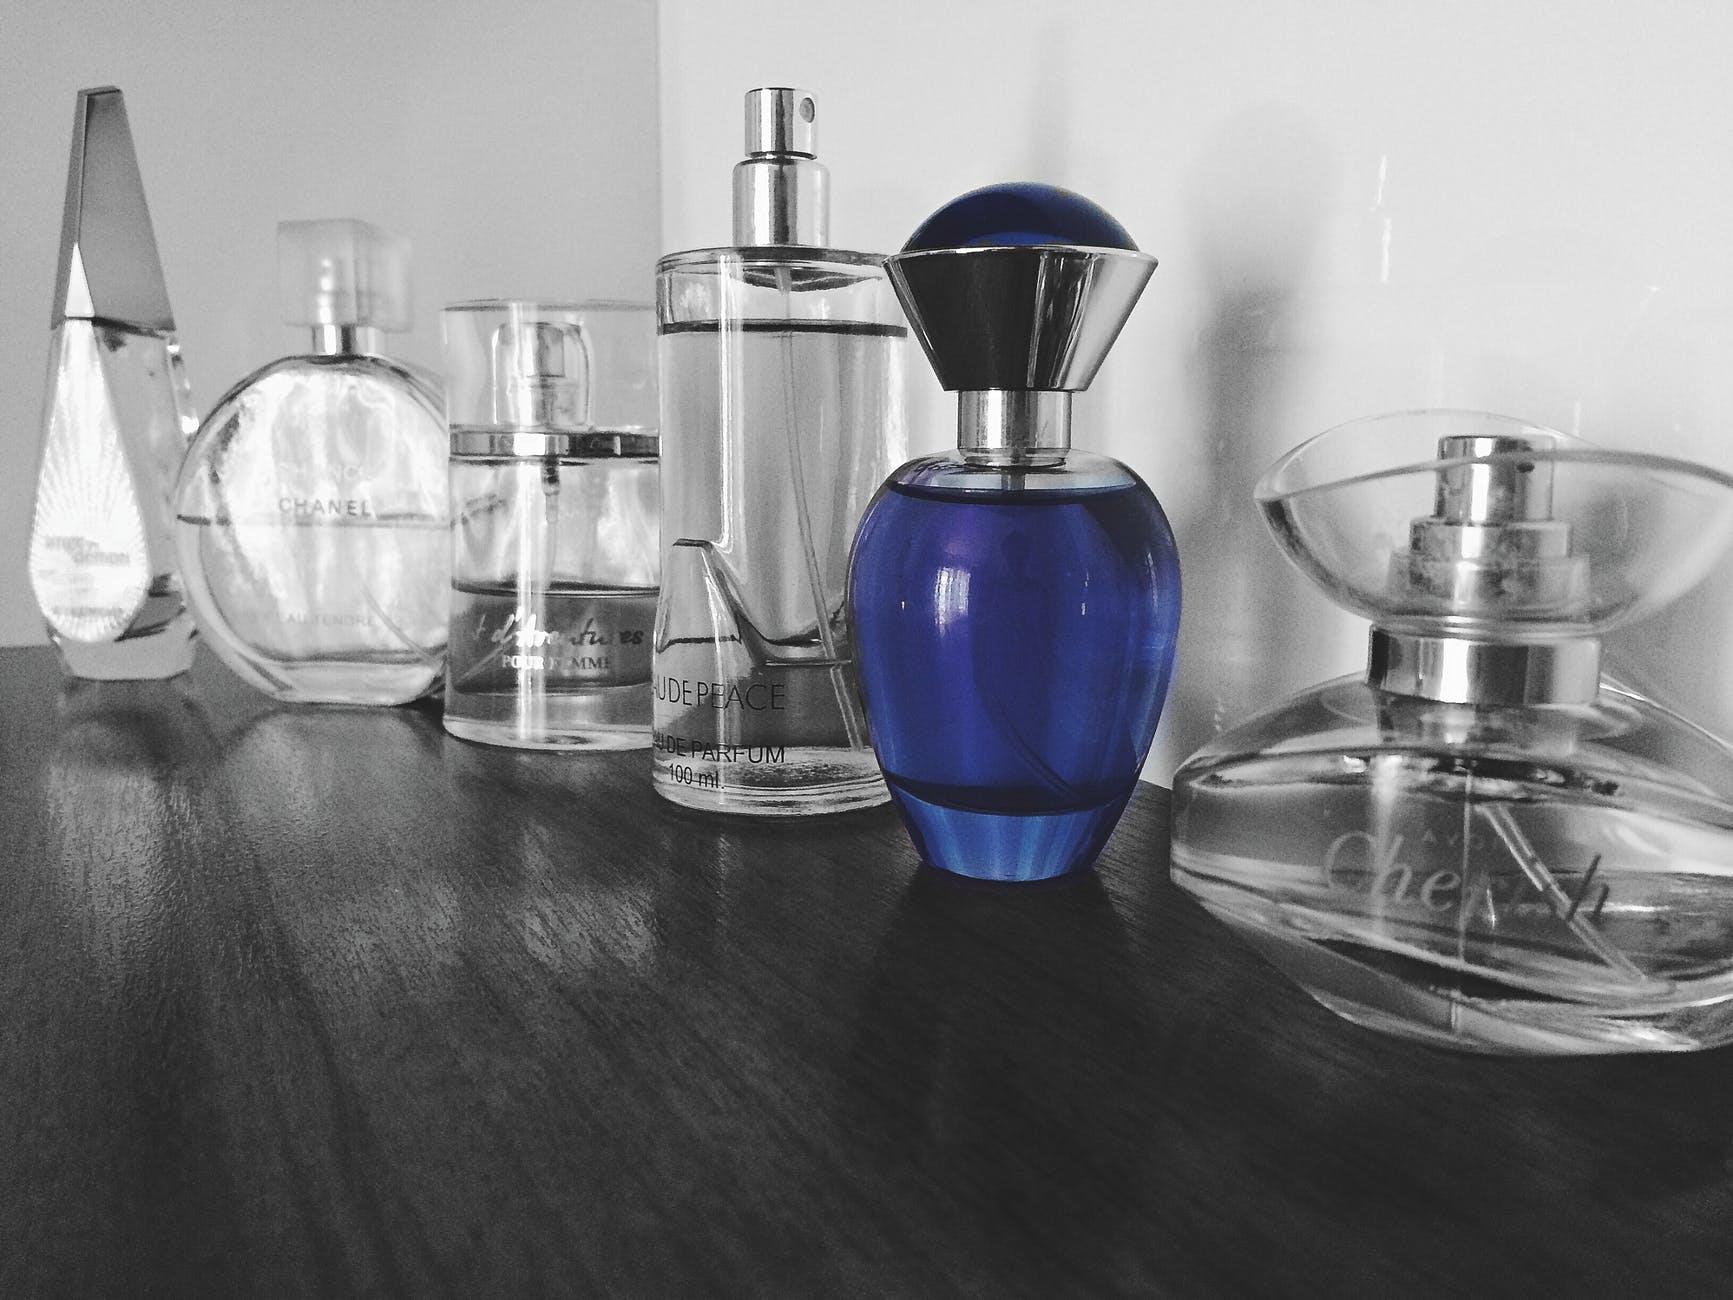 Dibalik Keunikan Botol Parfum